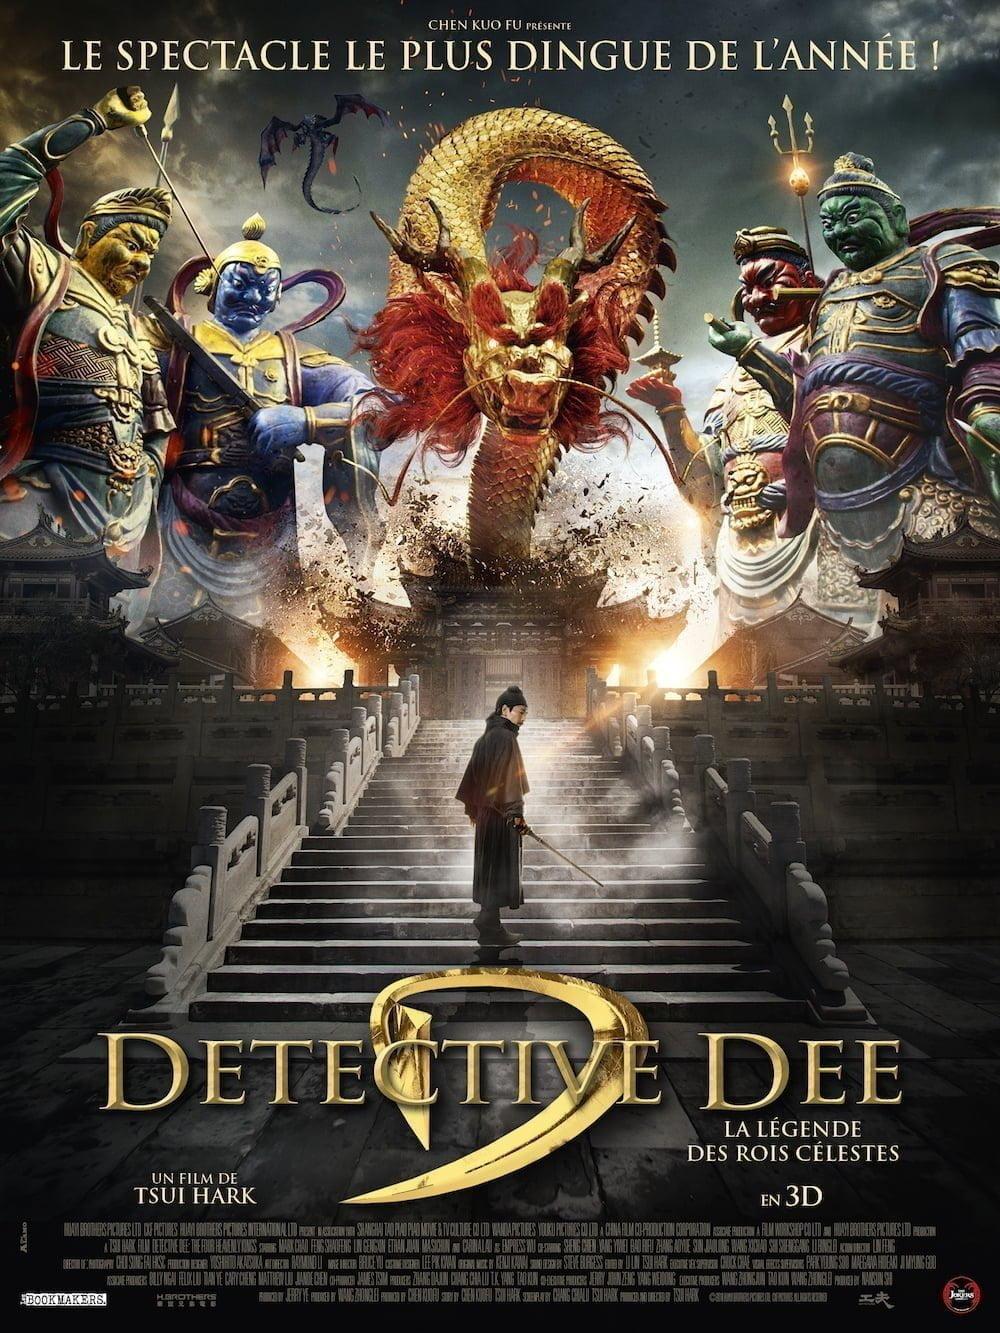 Detective Dee la legende des rois celestes affiche furyosa